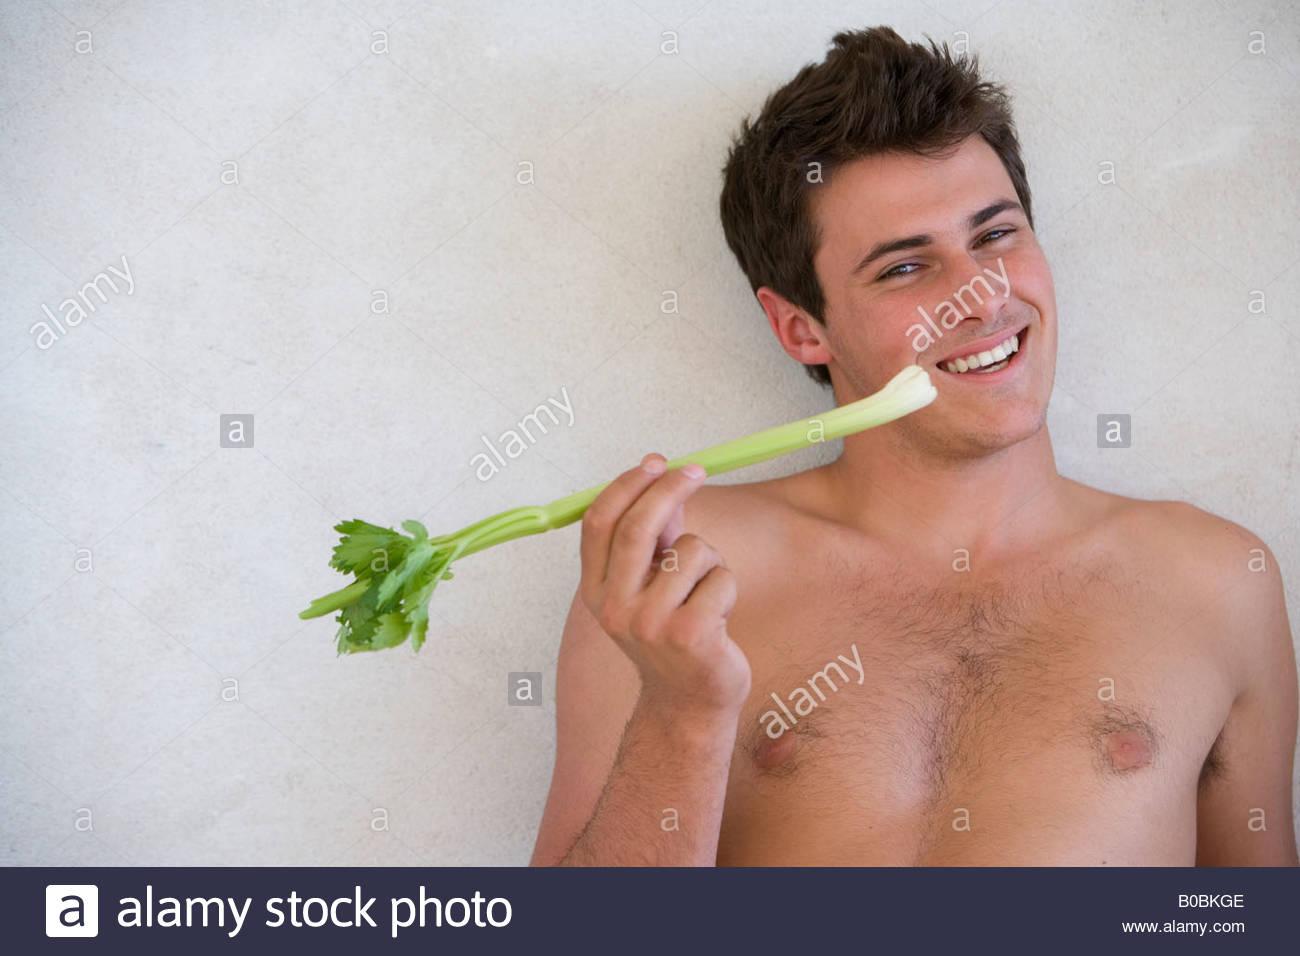 Jeune homme torse nu avec céleri, smiling, portrait Photo Stock